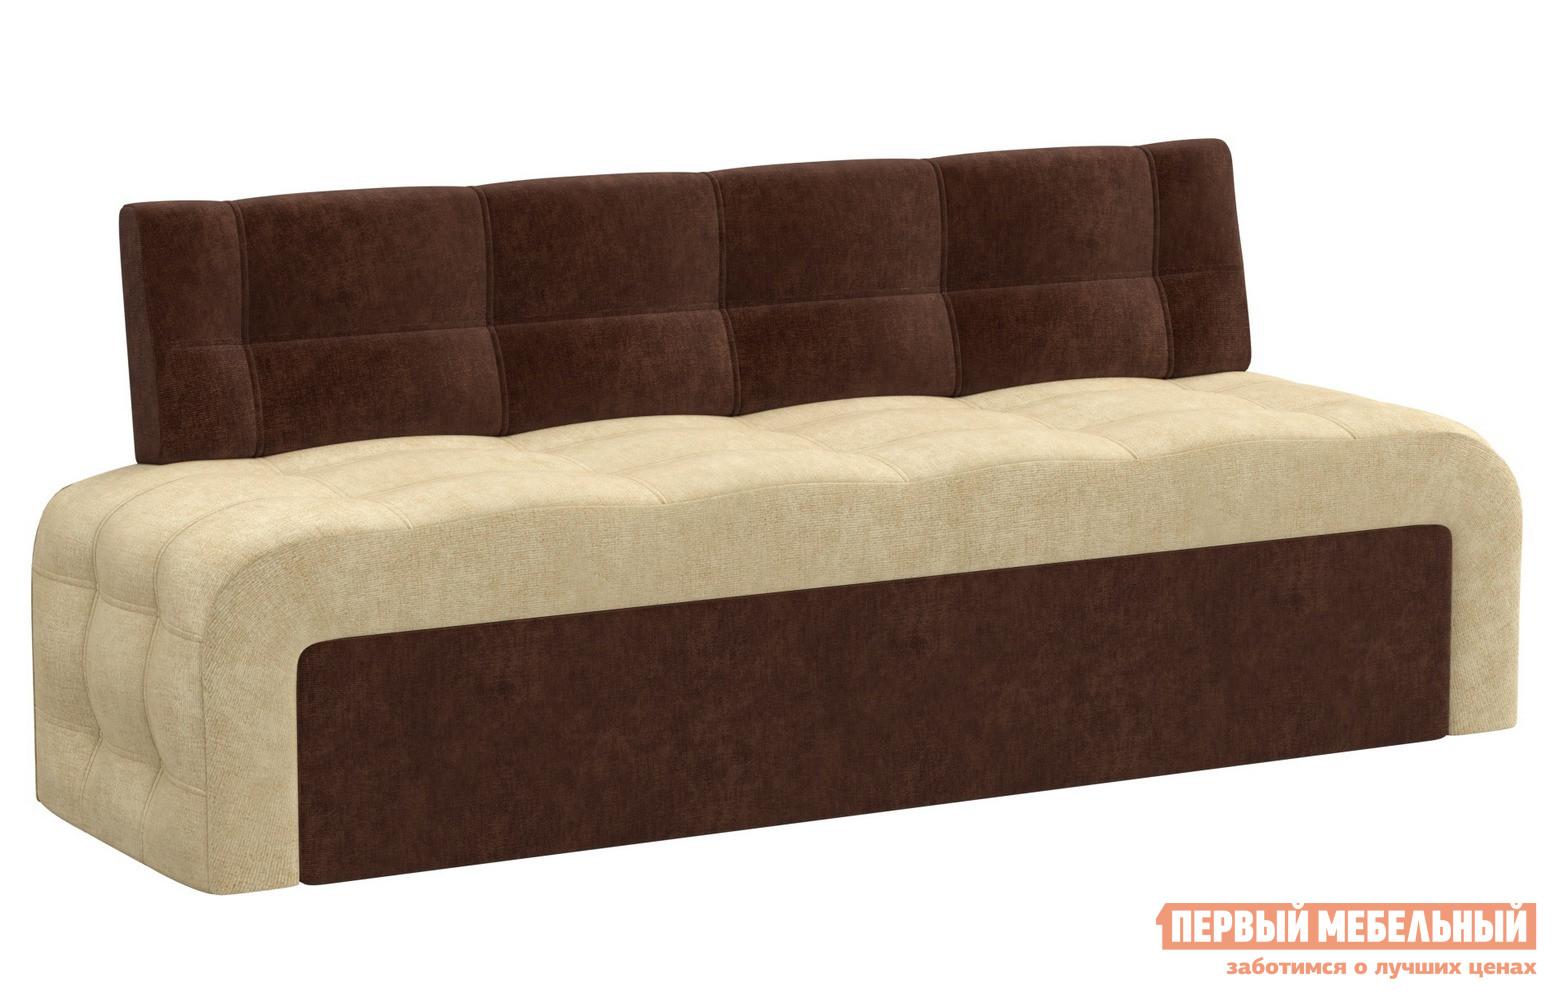 Прямой кухонный раскладной диван для маленькой кухни Мебелико Кухонный диван Люксор микровельвет